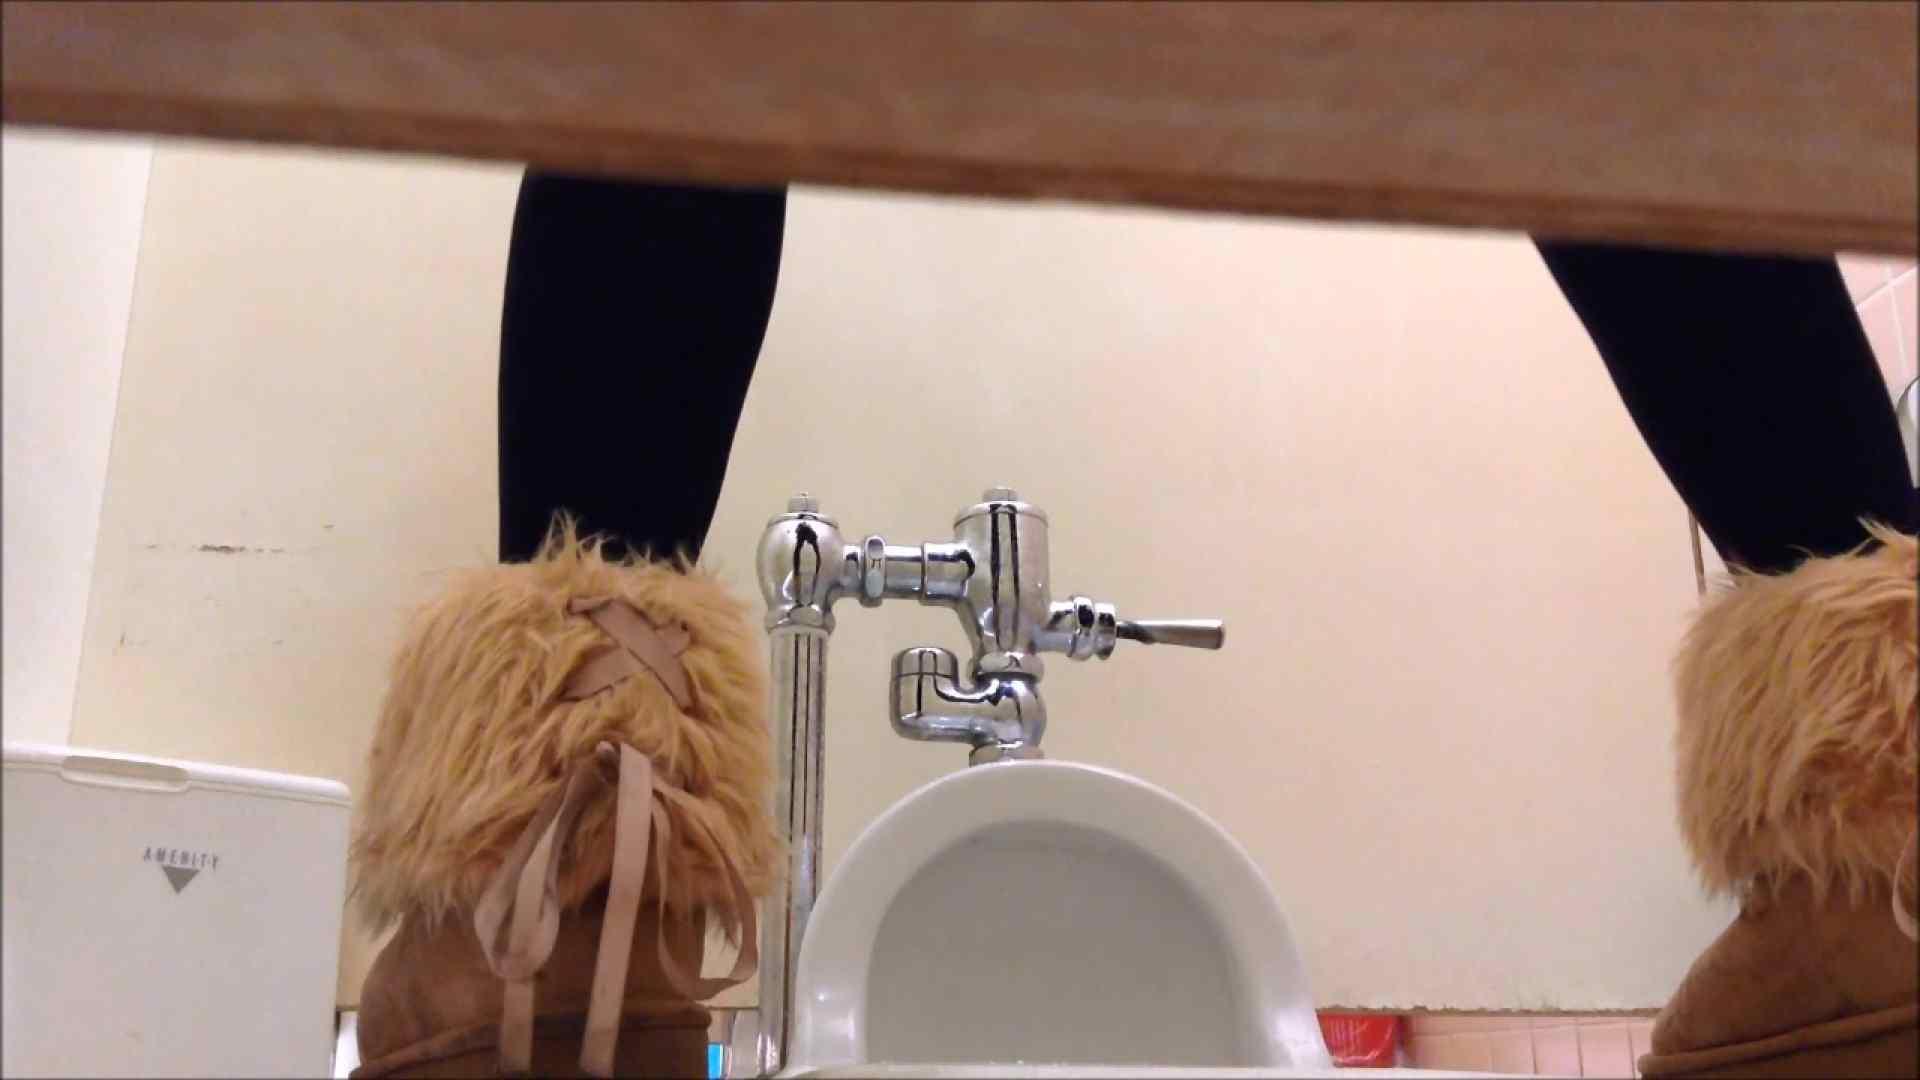 某有名大学女性洗面所 vol.09 洗面所着替え   リアルすぎる排泄  74連発 31